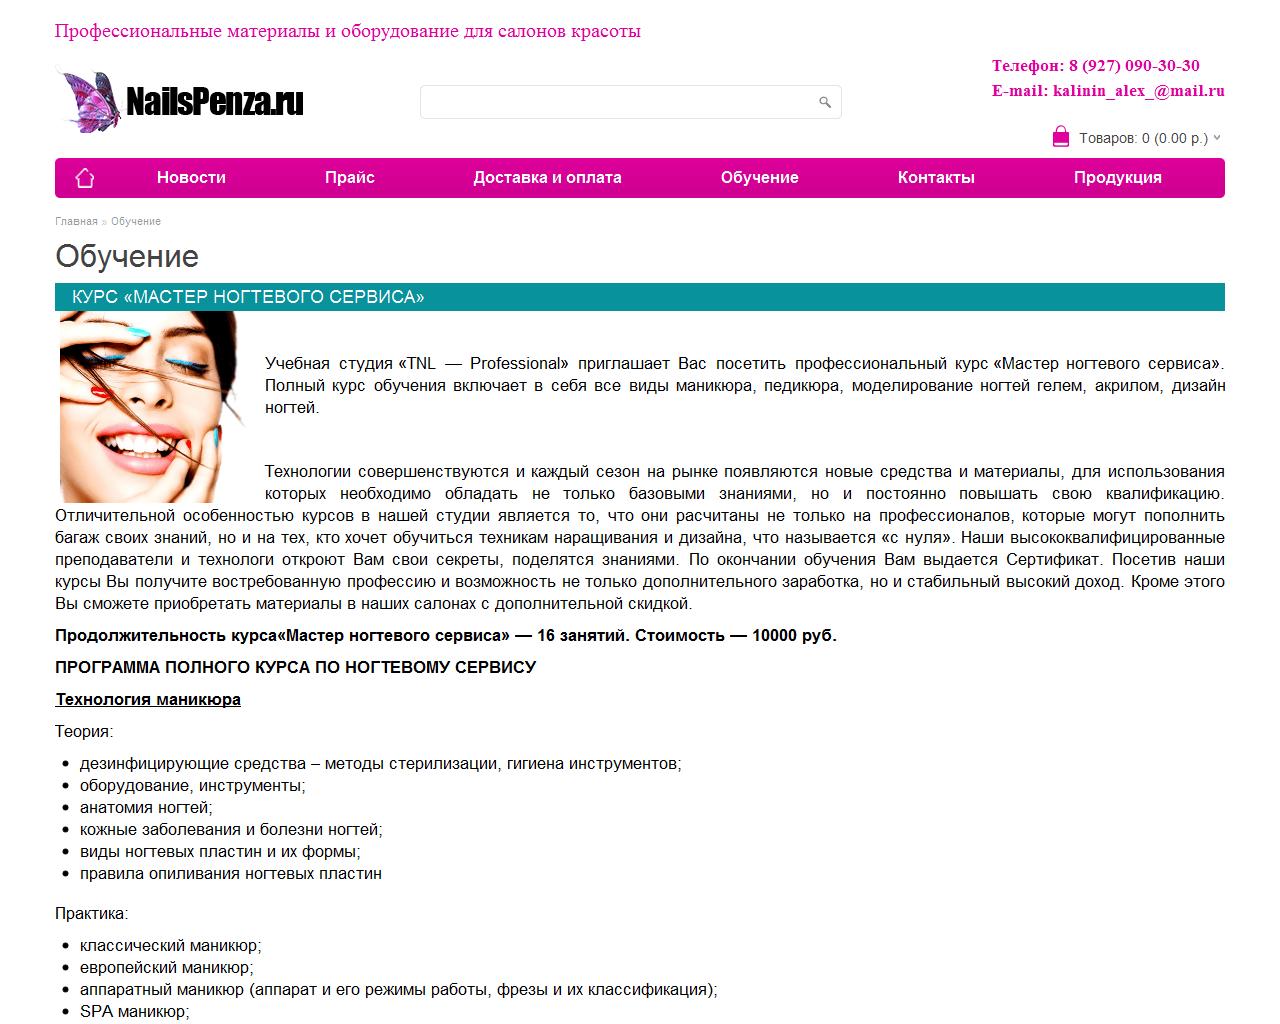 Компания «NailsPenza» Пенза